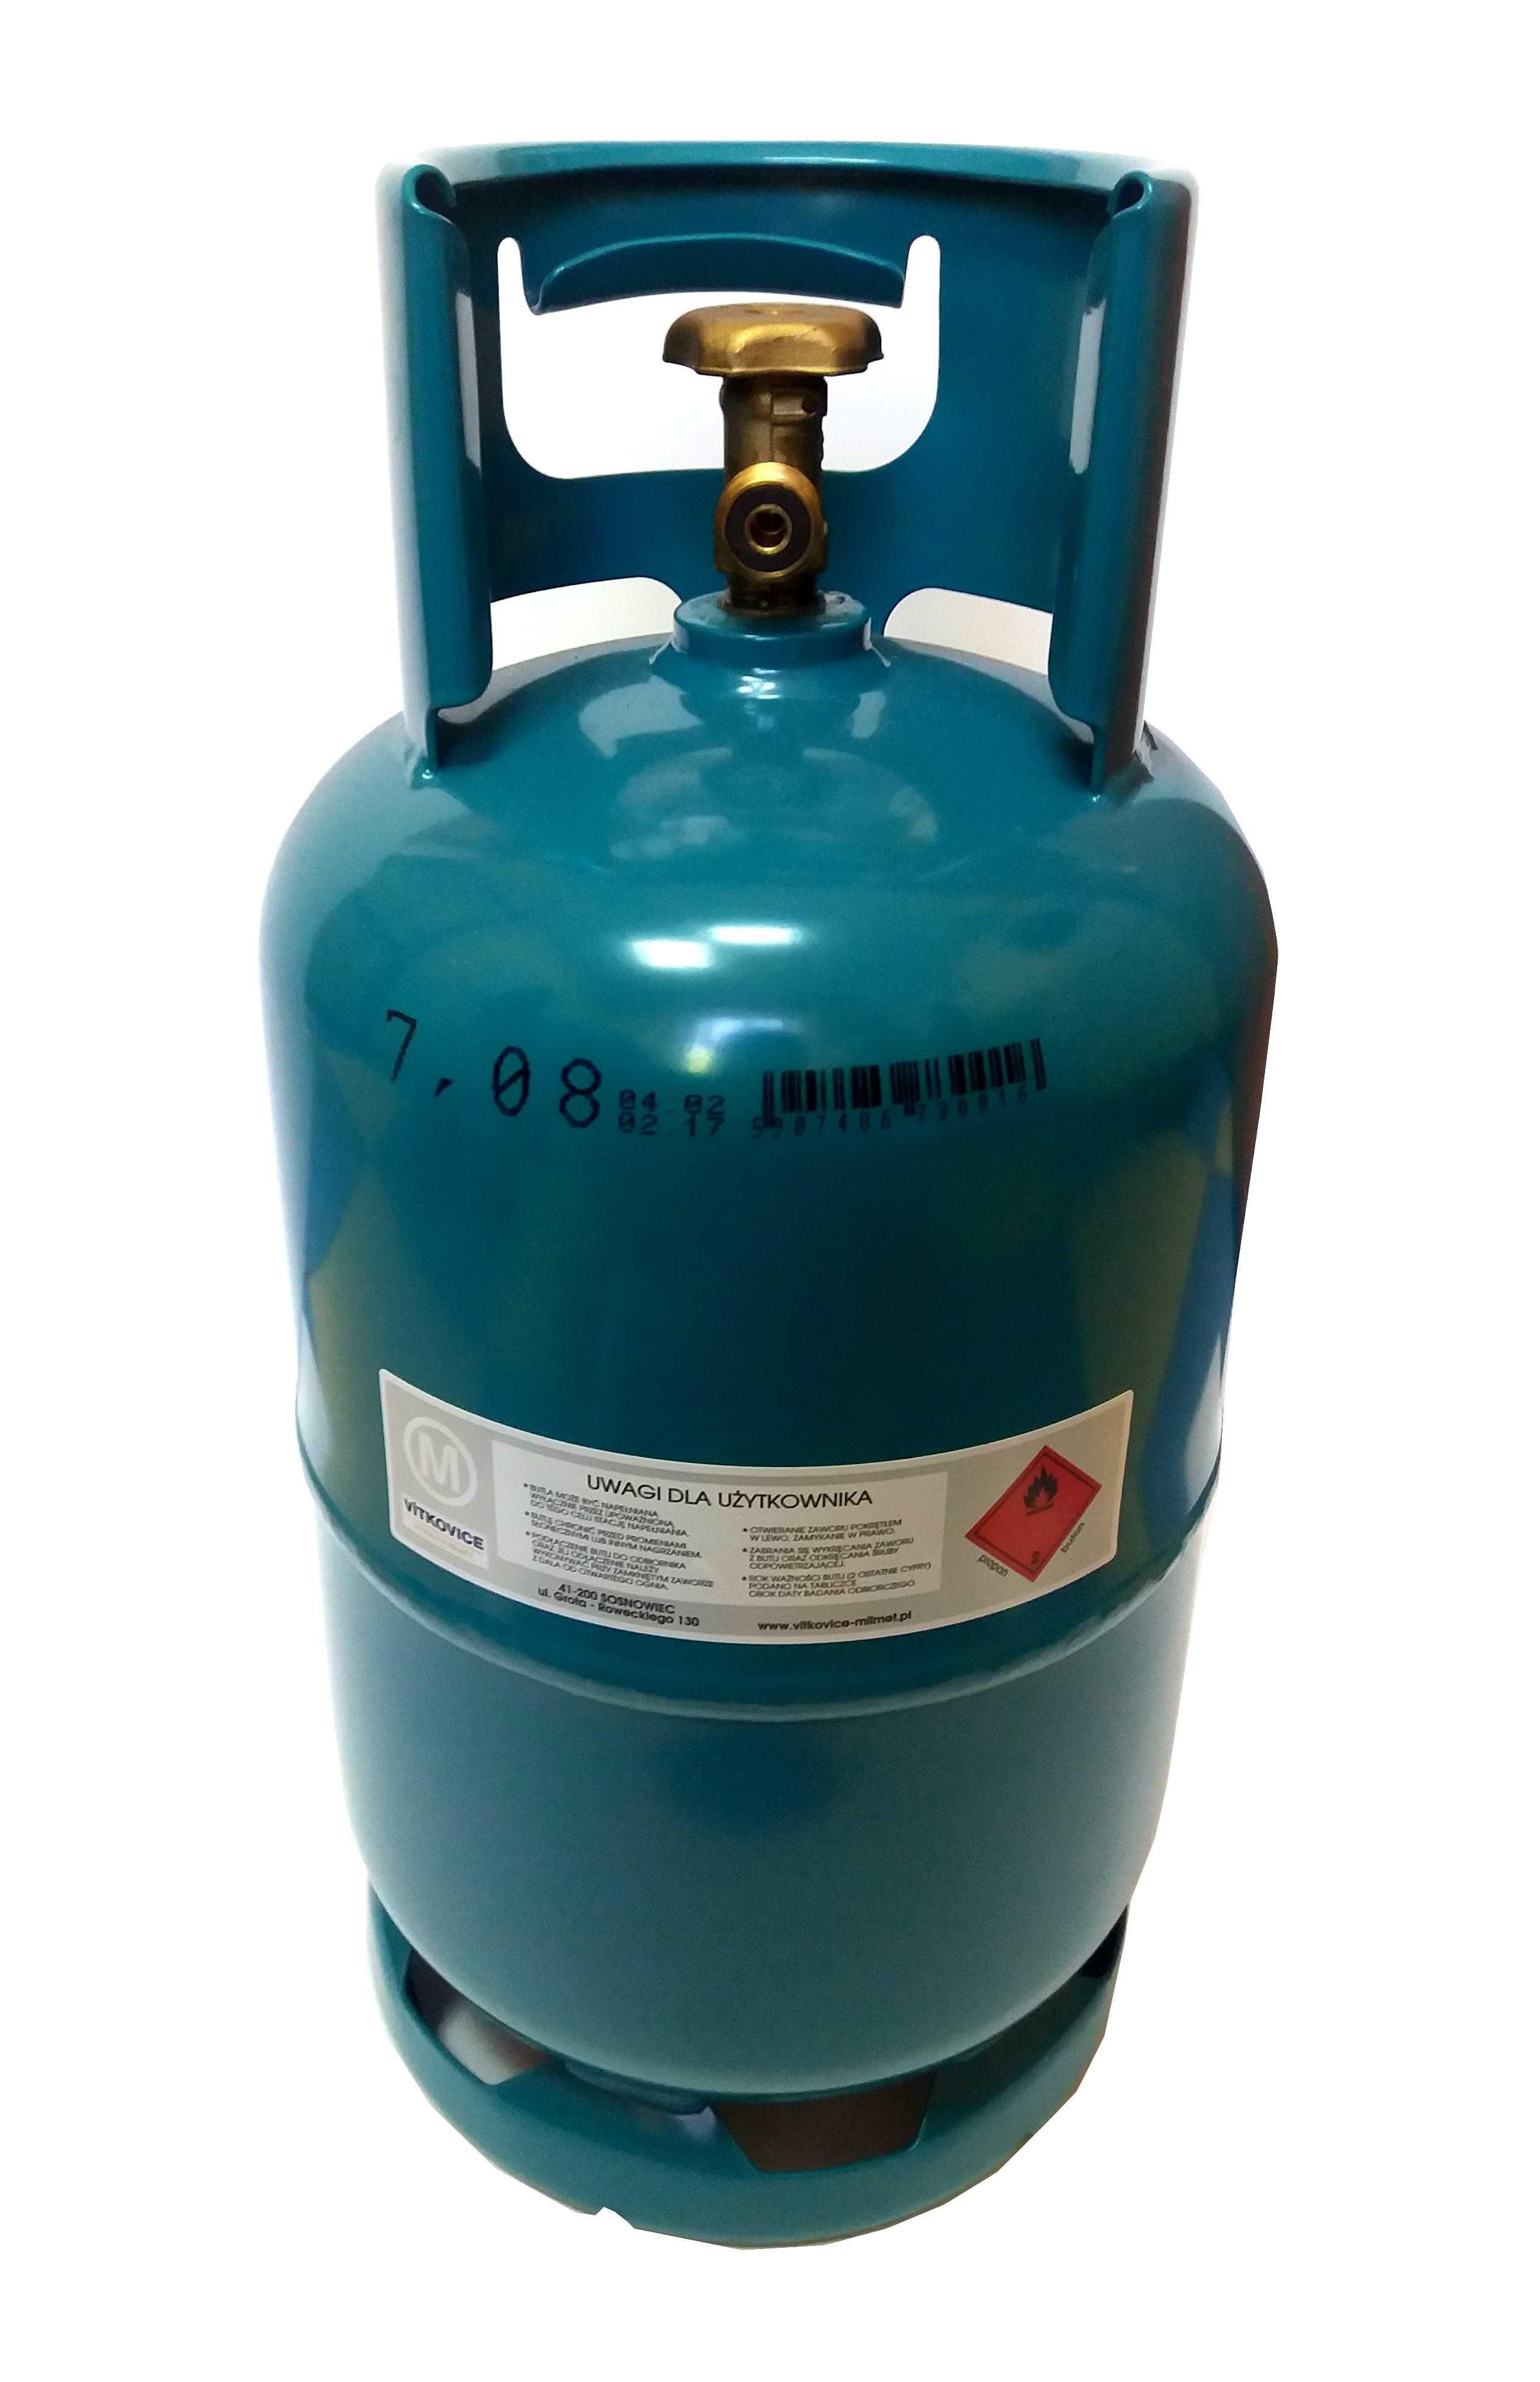 Butla gazowa na gaz propan butan 5 kg kuchenka piec grill duży zawór